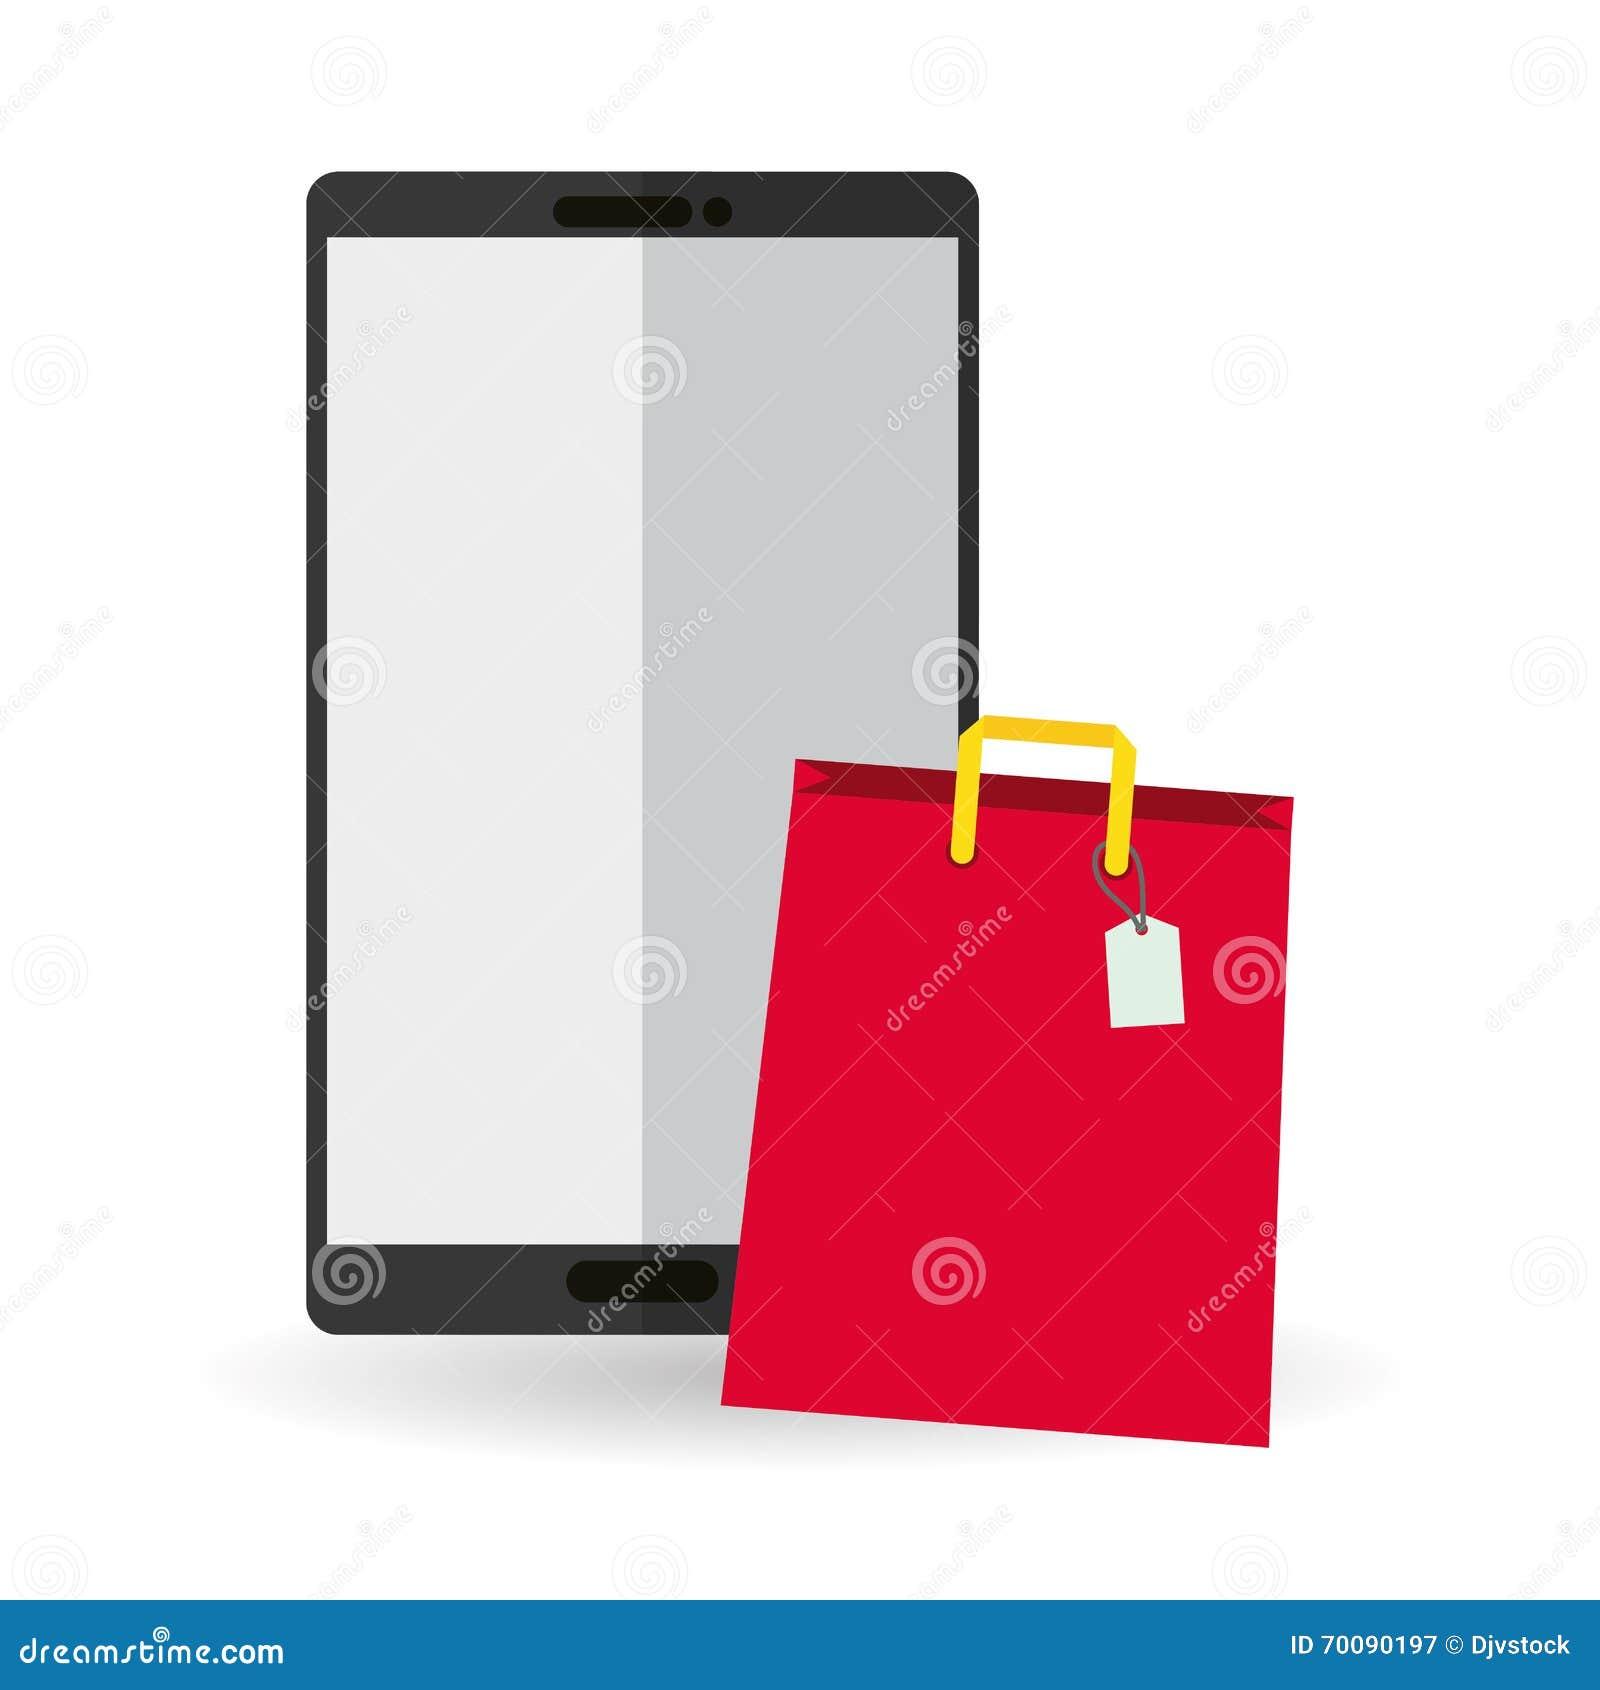 achetez en ligne au dessus du fond blanc vecteur mobile illustration de vecteur illustration. Black Bedroom Furniture Sets. Home Design Ideas